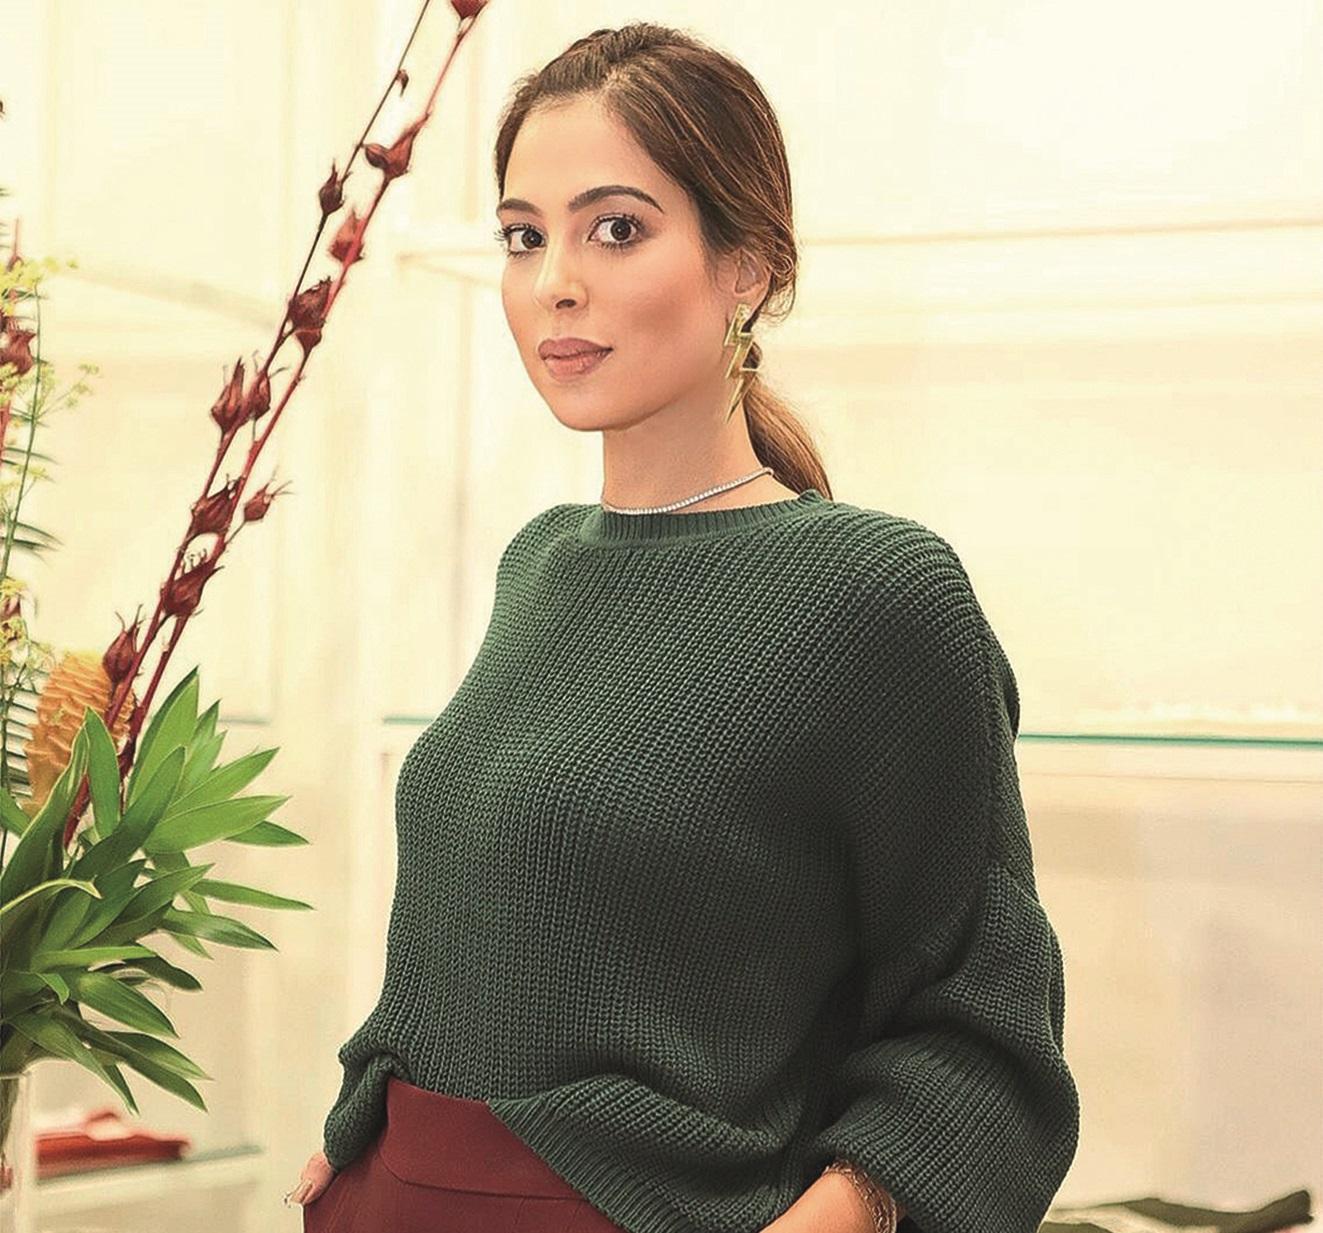 Renata Rangel - Advogada, digital influencer e apaixonada por moda